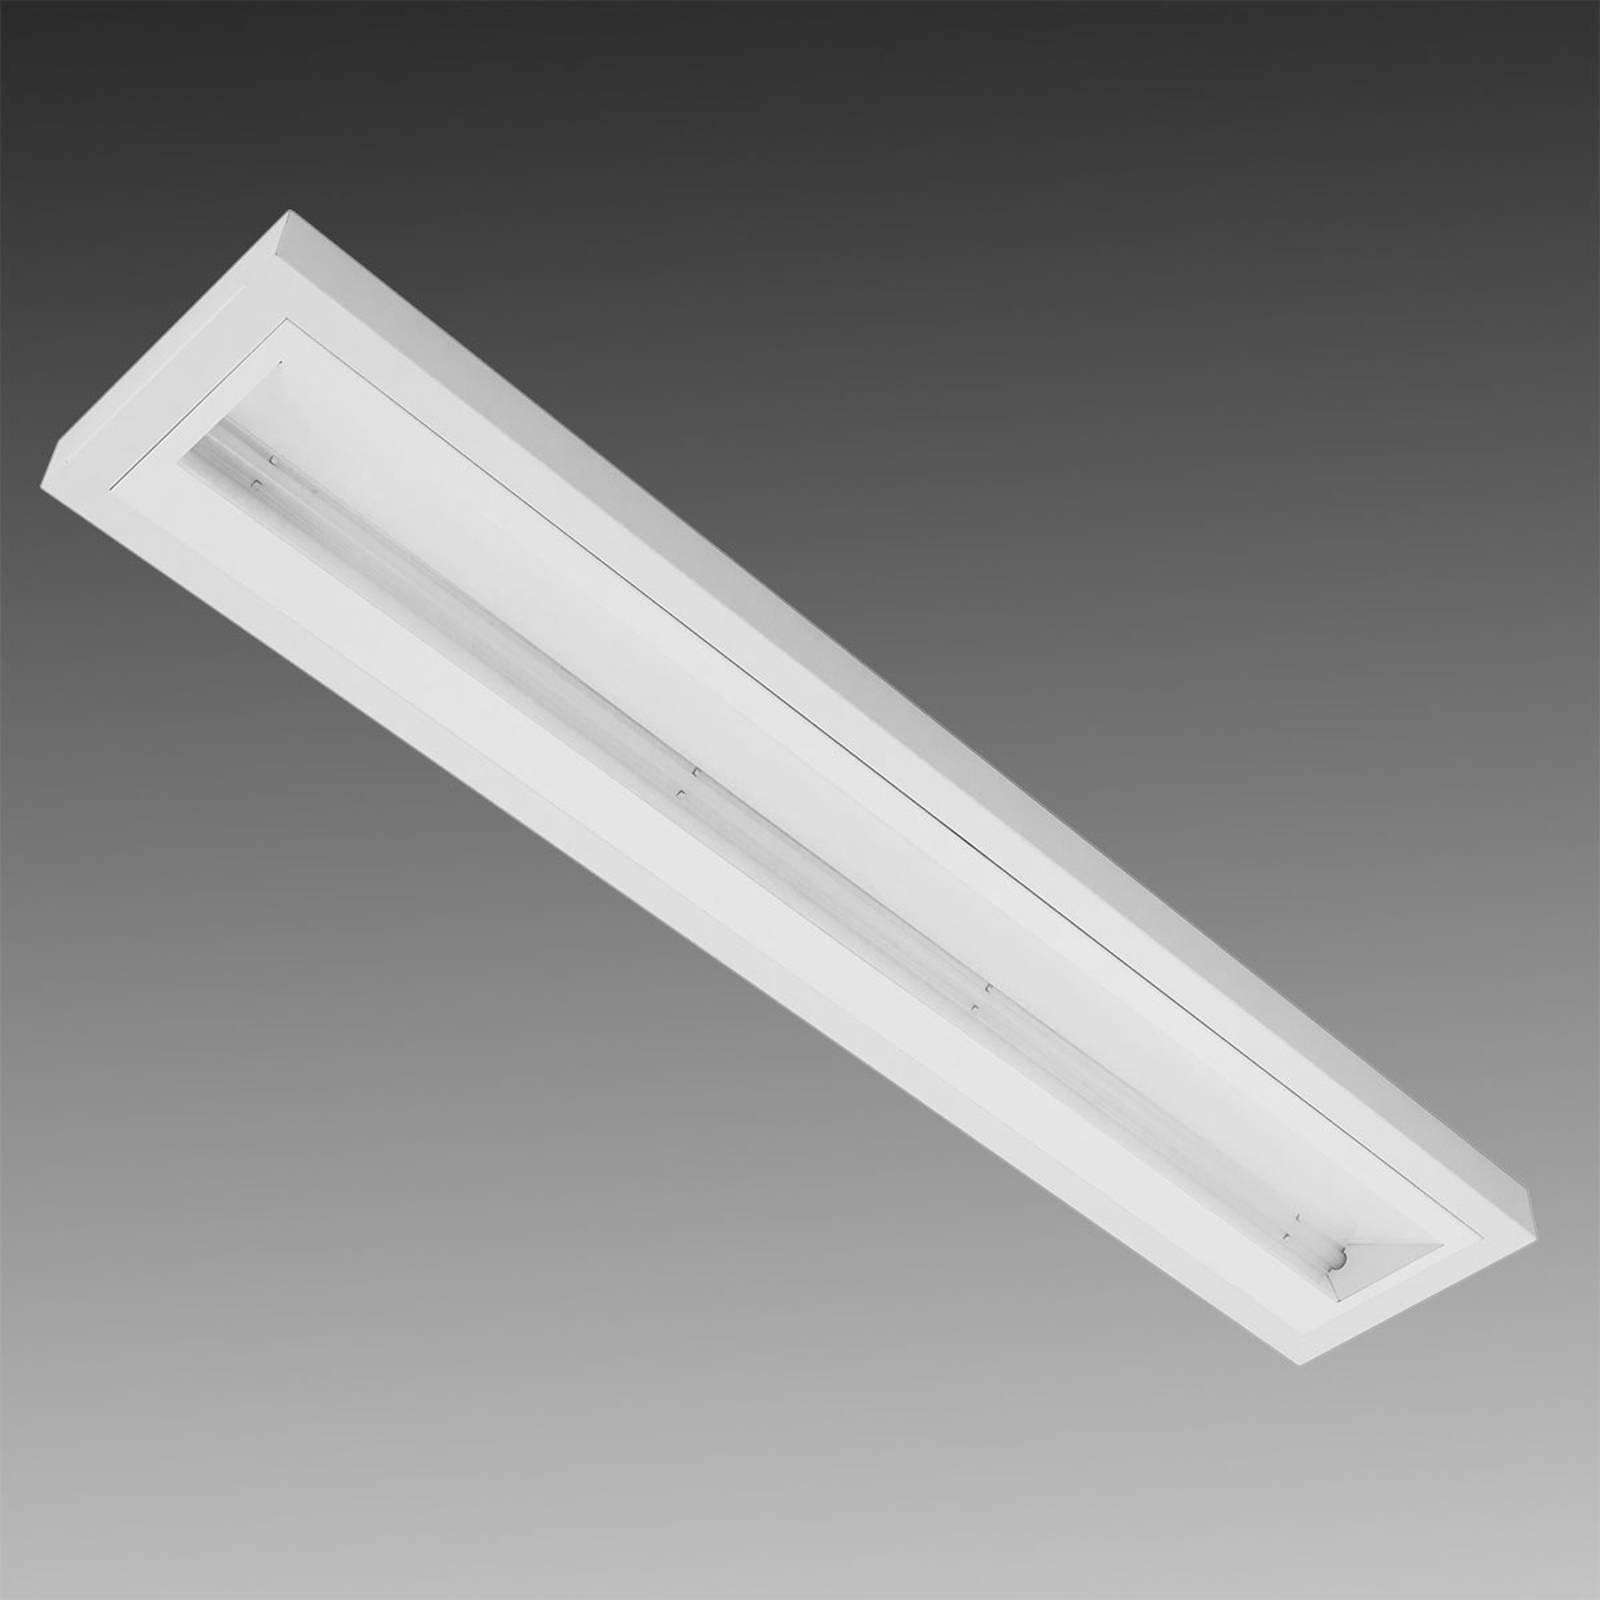 Utenpåliggende LED-lampe asymmetrisk, hvit 50 W